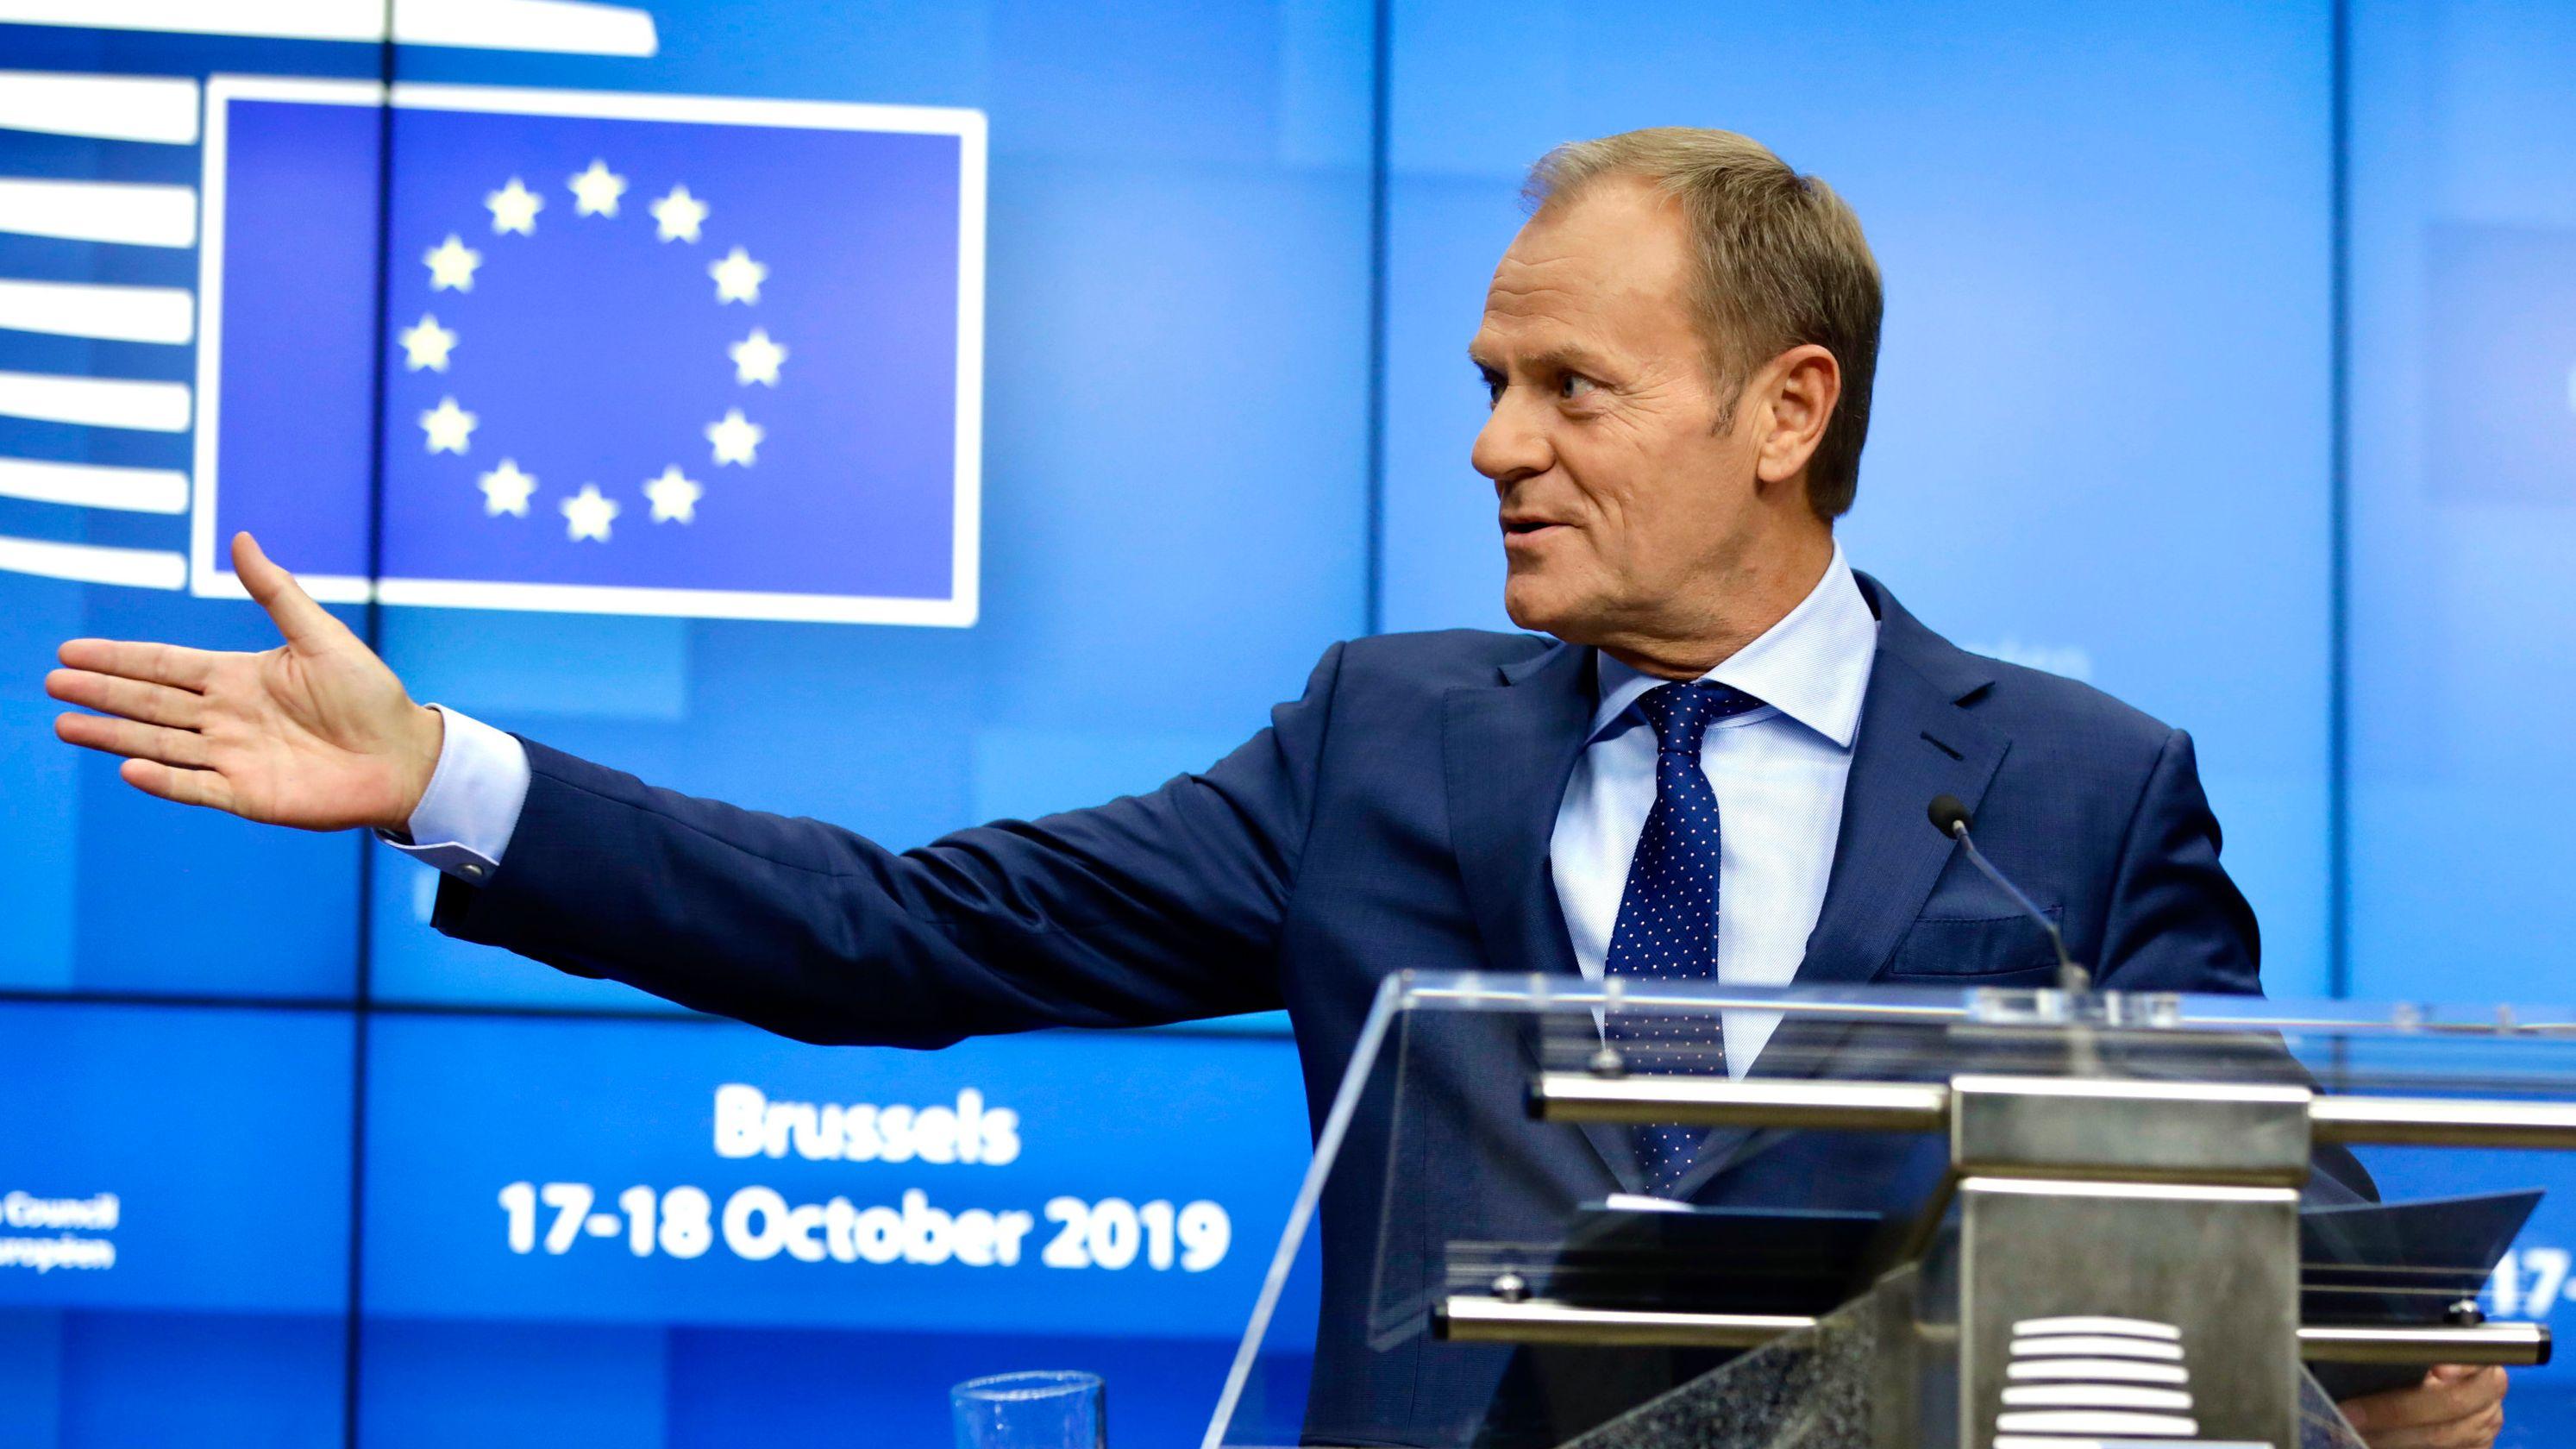 Belgien, Brüssel: Donald Tusk, Präsident des Europäischen Rates, gestikuliert bei einer Pressekonferenz.